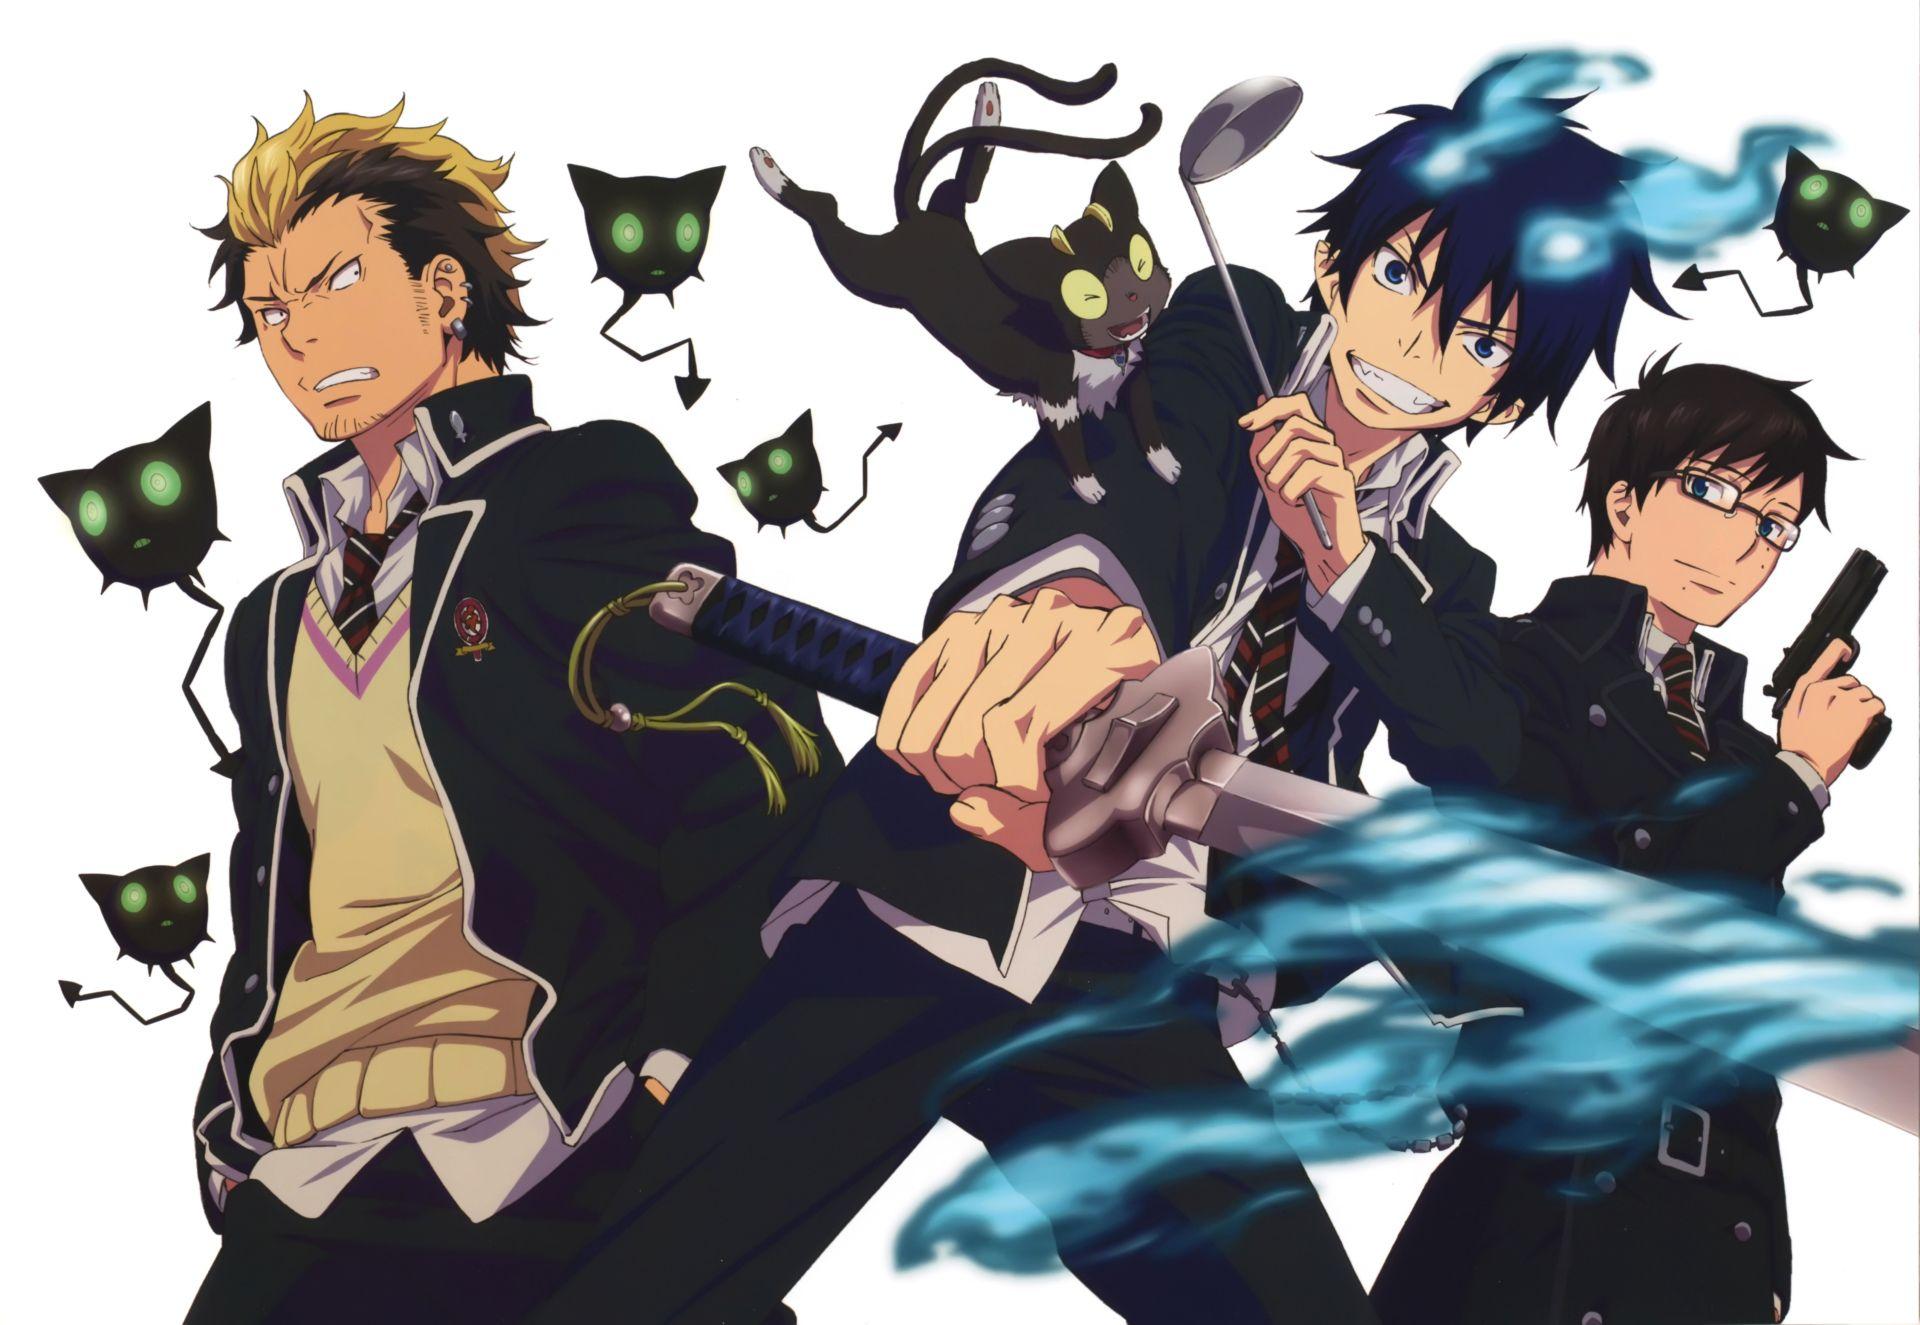 Anime Blue Exorcist Ryuji Suguro Ao No Exorcist Rin Okumura Yukio